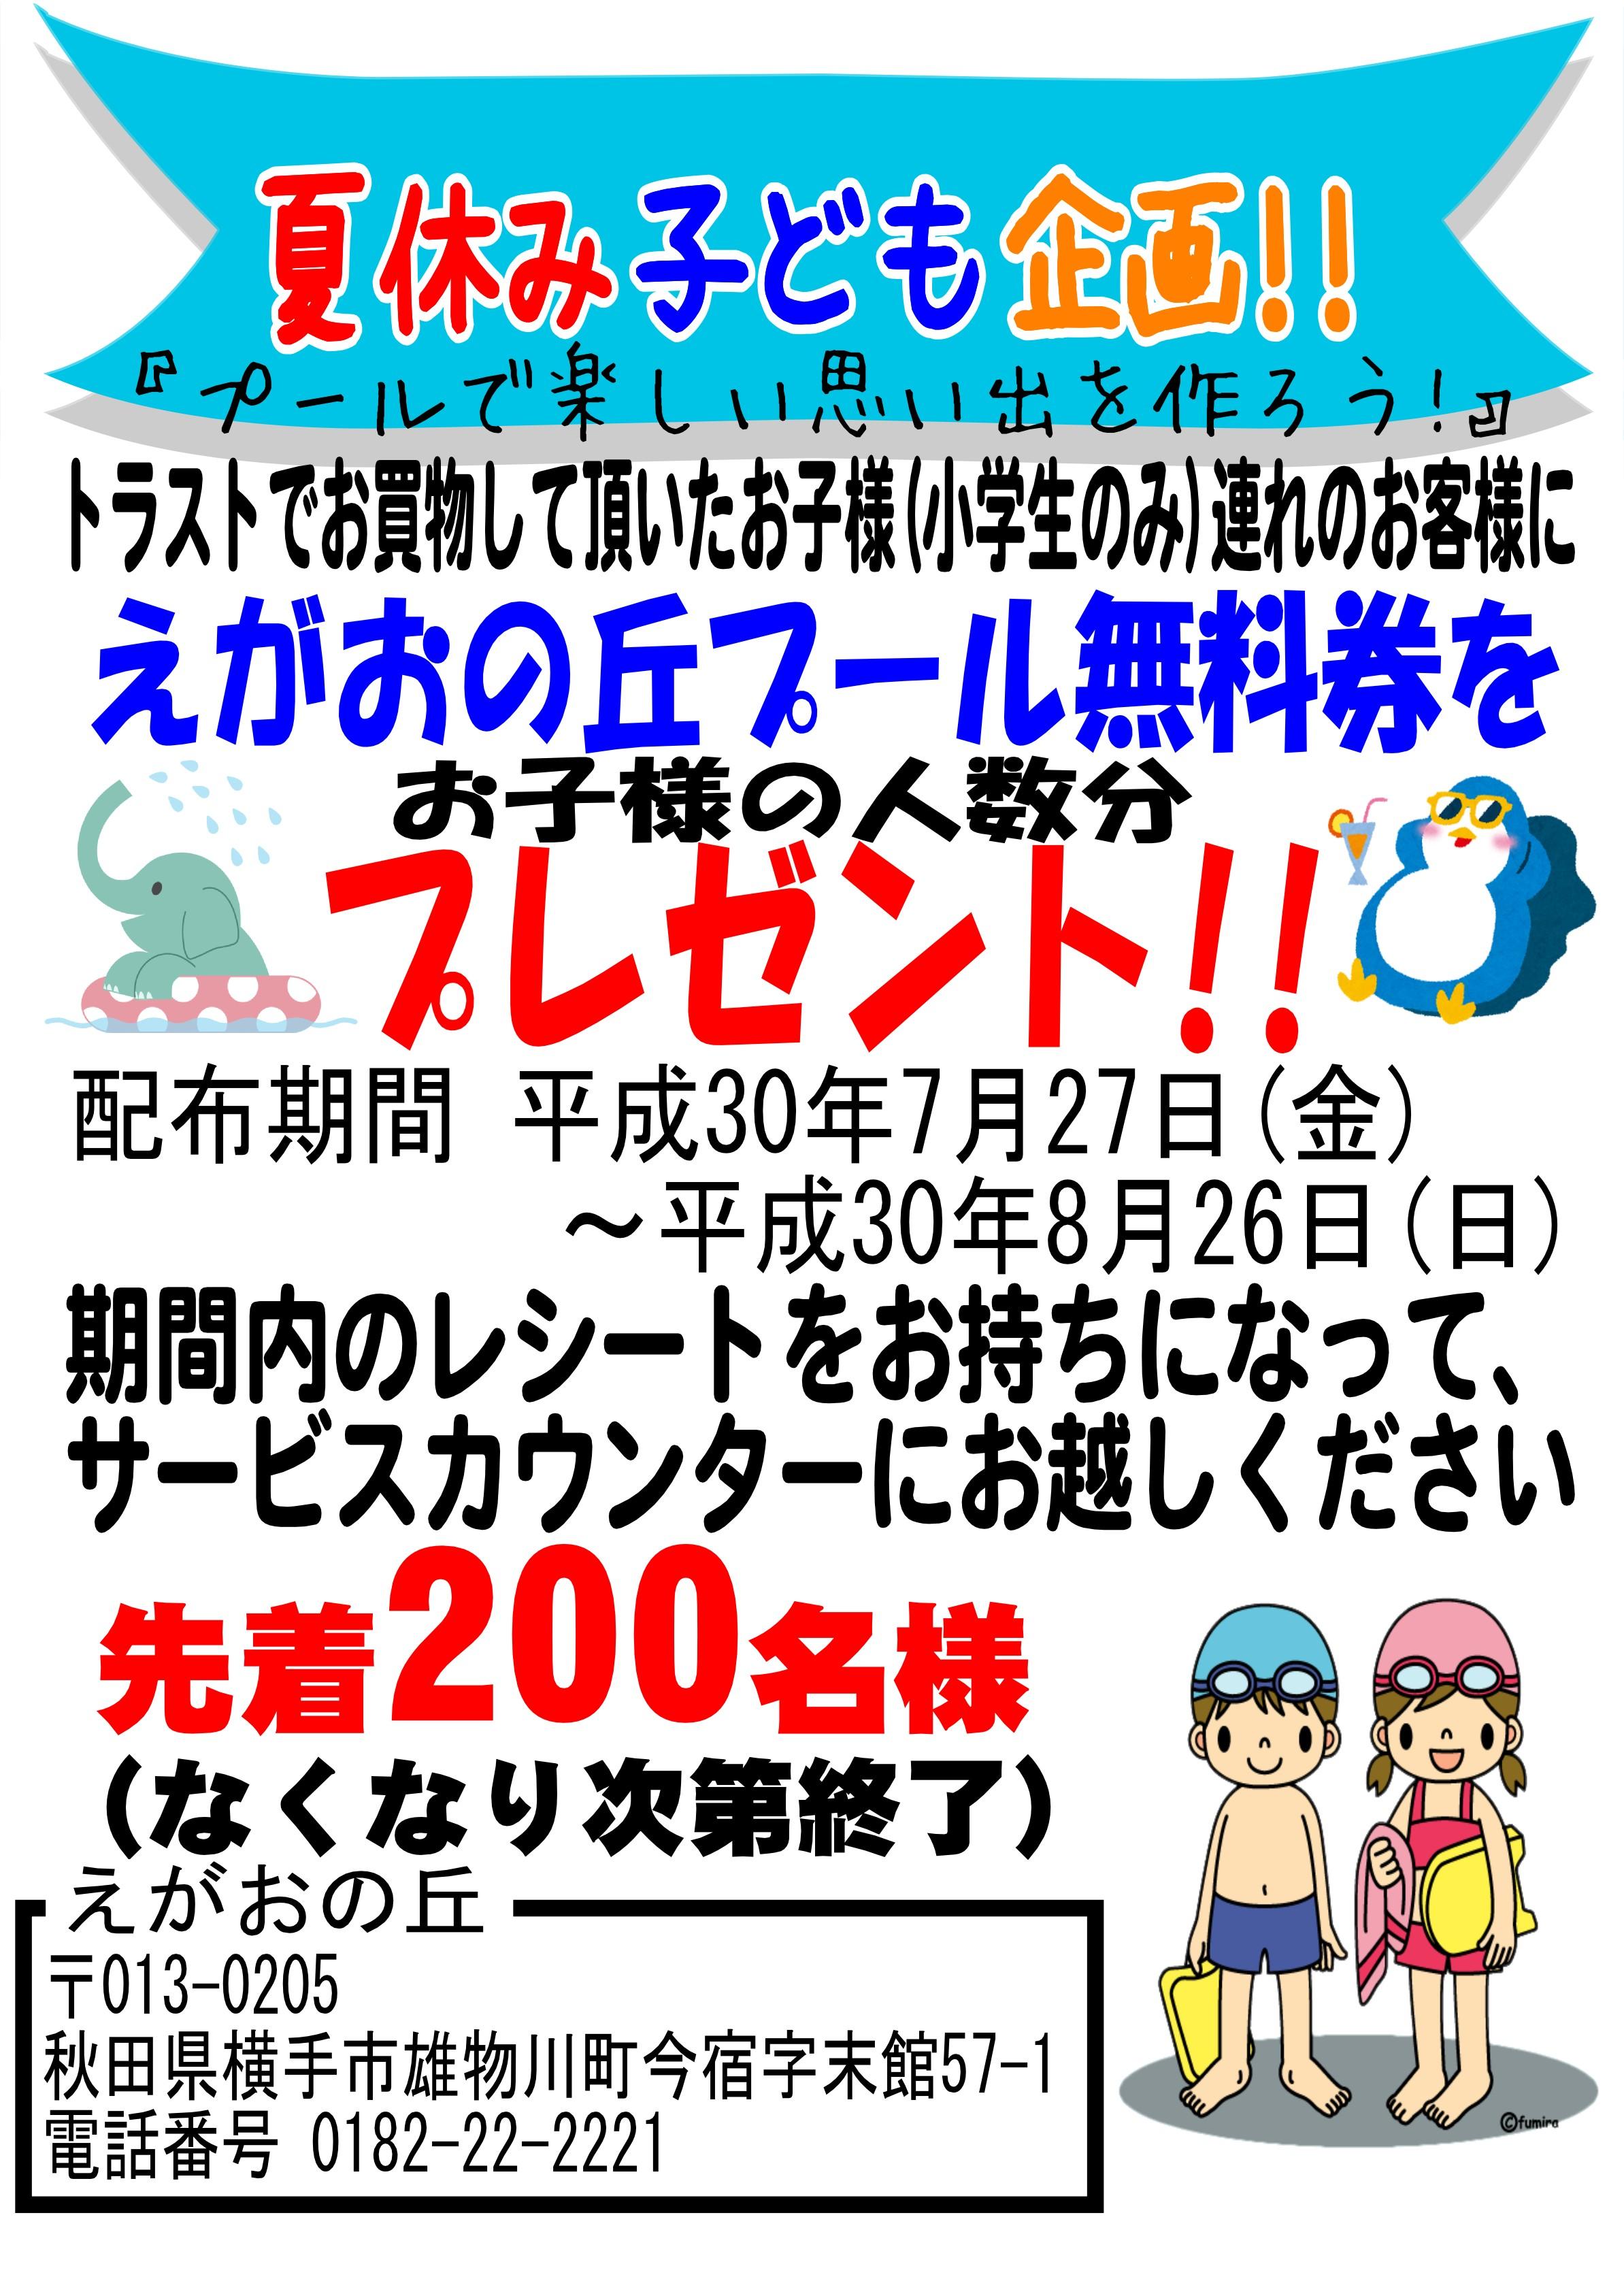 トラスト雄物川店 夏休み子ども企画!!(7月27日~8月26日)